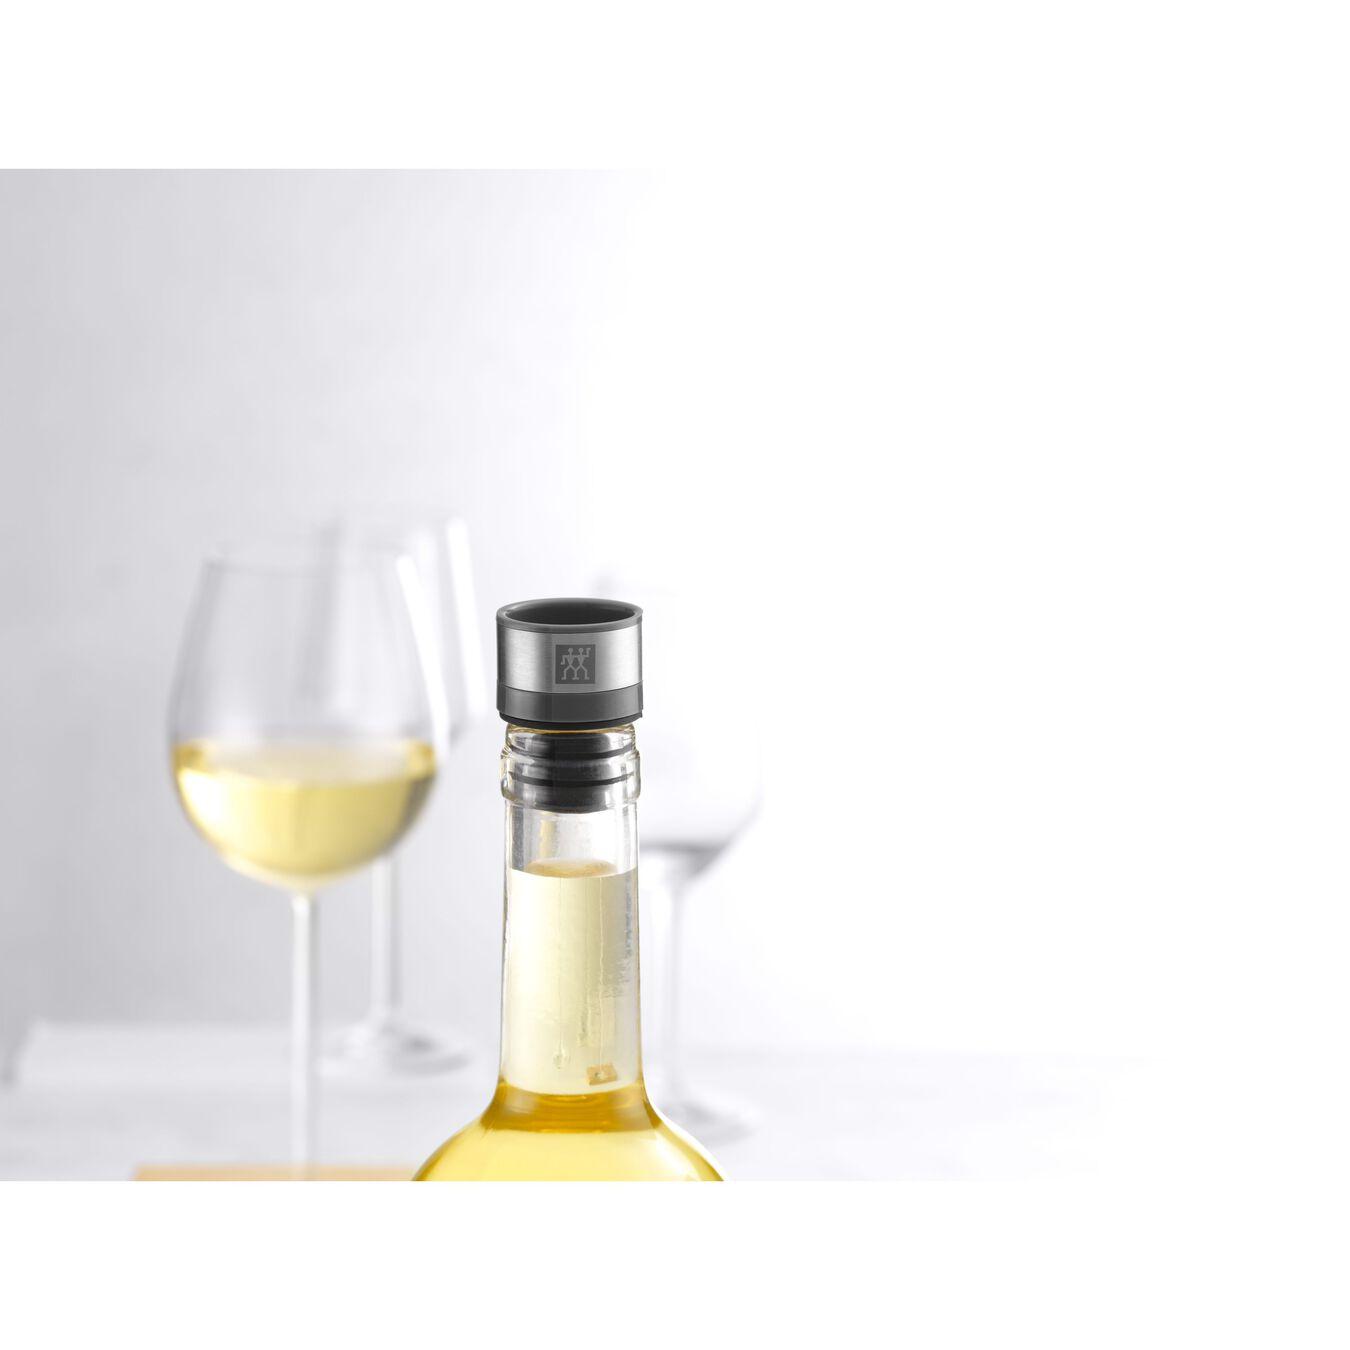 Vakuum Weinverschluss Set, 2-tlg, Grau,,large 8